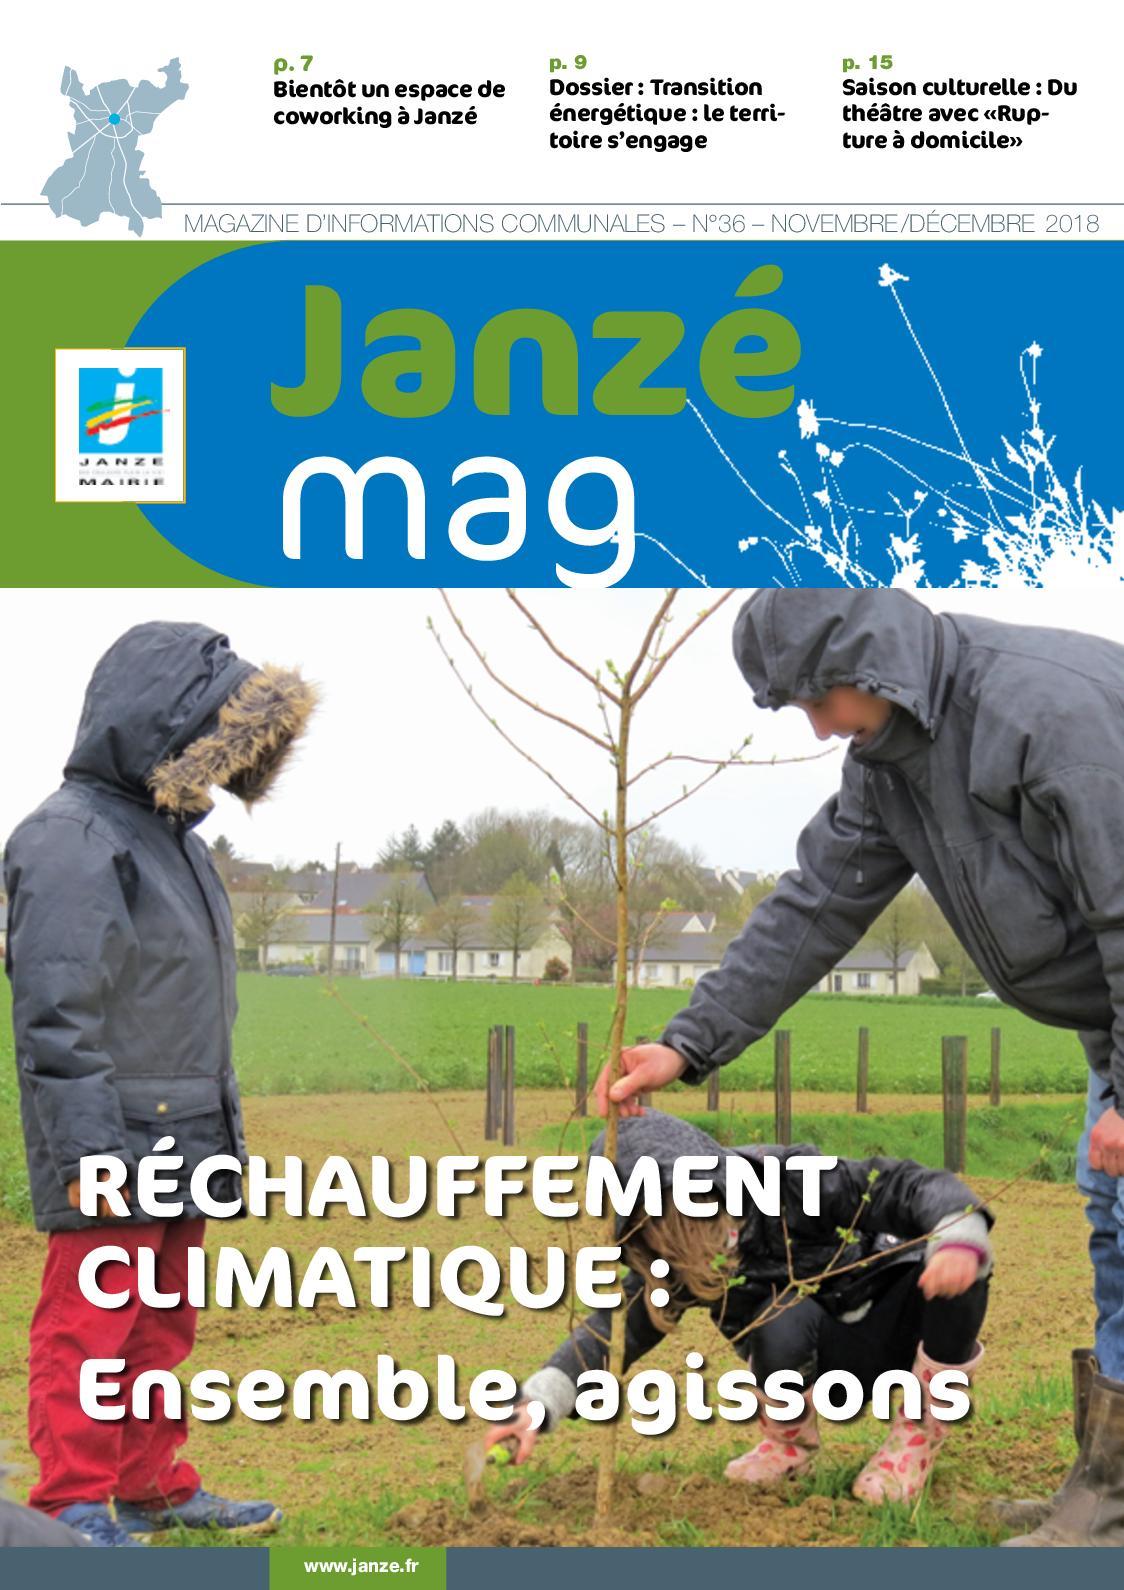 Calaméo - Janze Mag N°36 - Novembre/decembre 2018 à Piscine Janzé